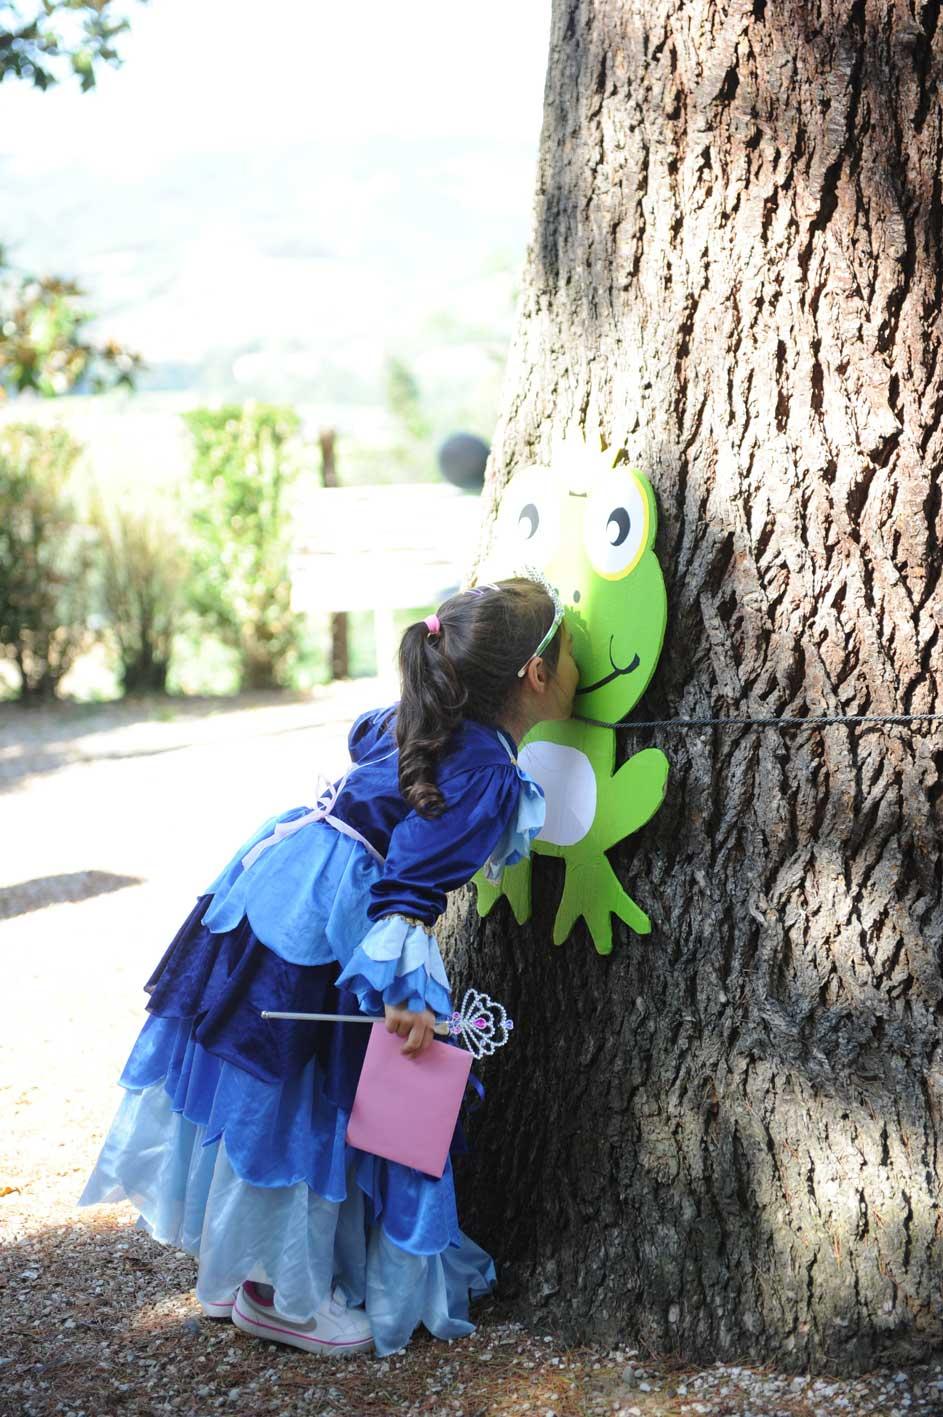 Festa di compleanno a tema pirati e principesse con la rana